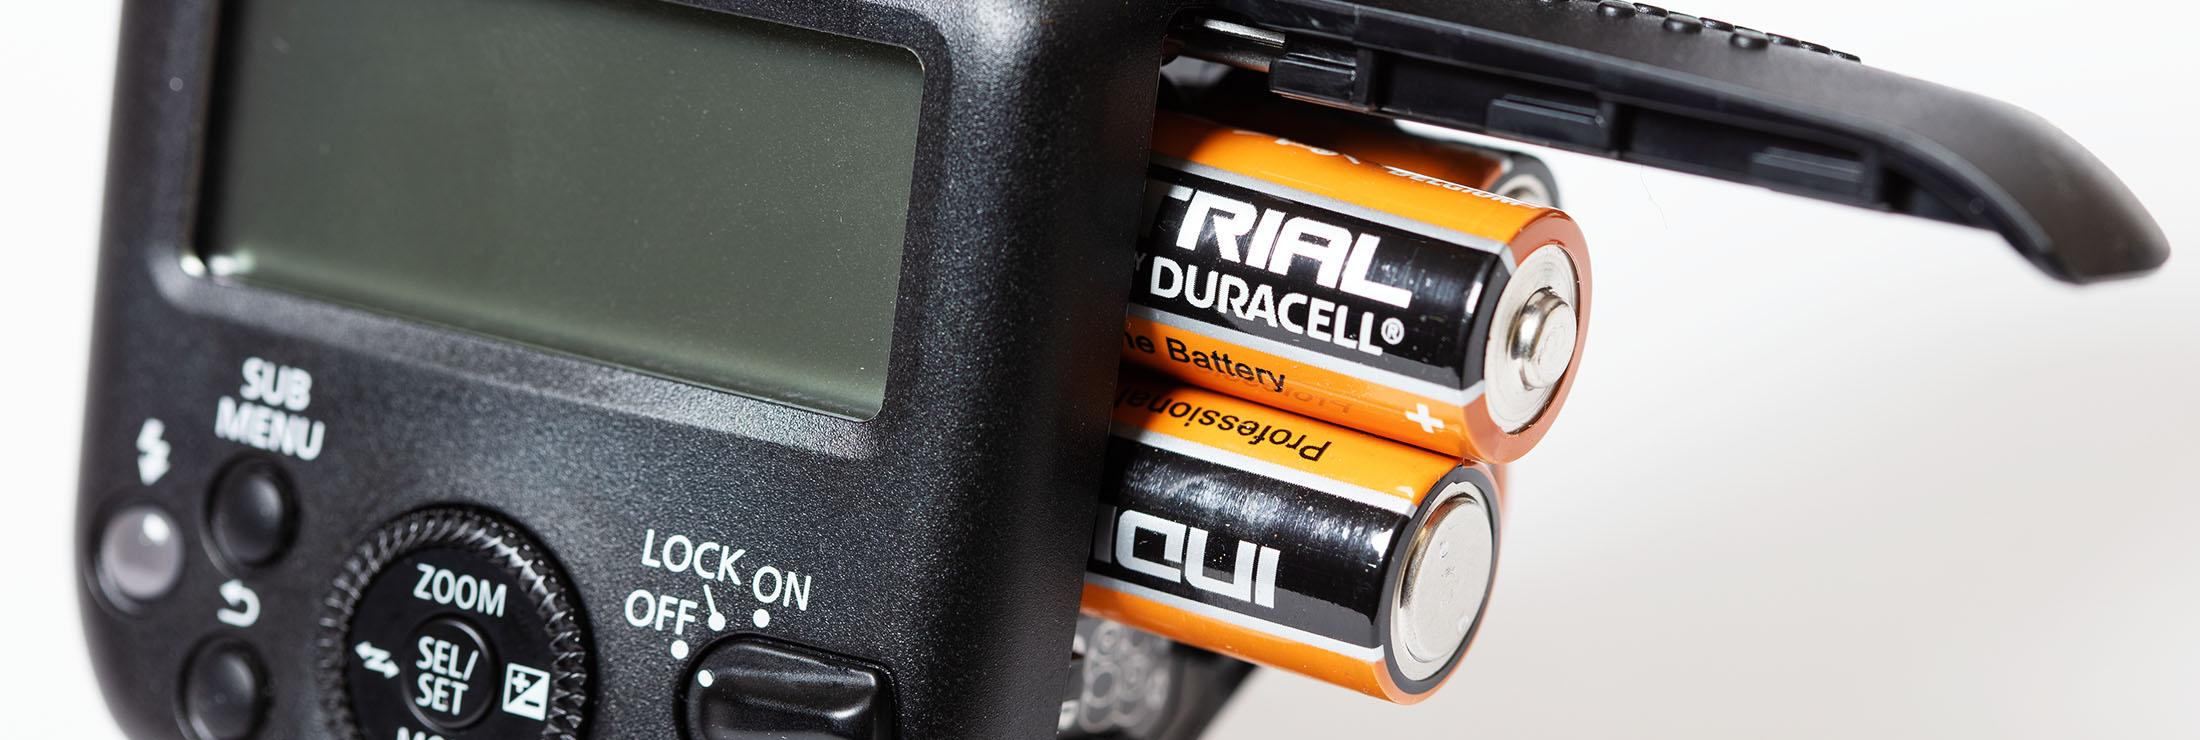 Introfoto batterijen voor flitser